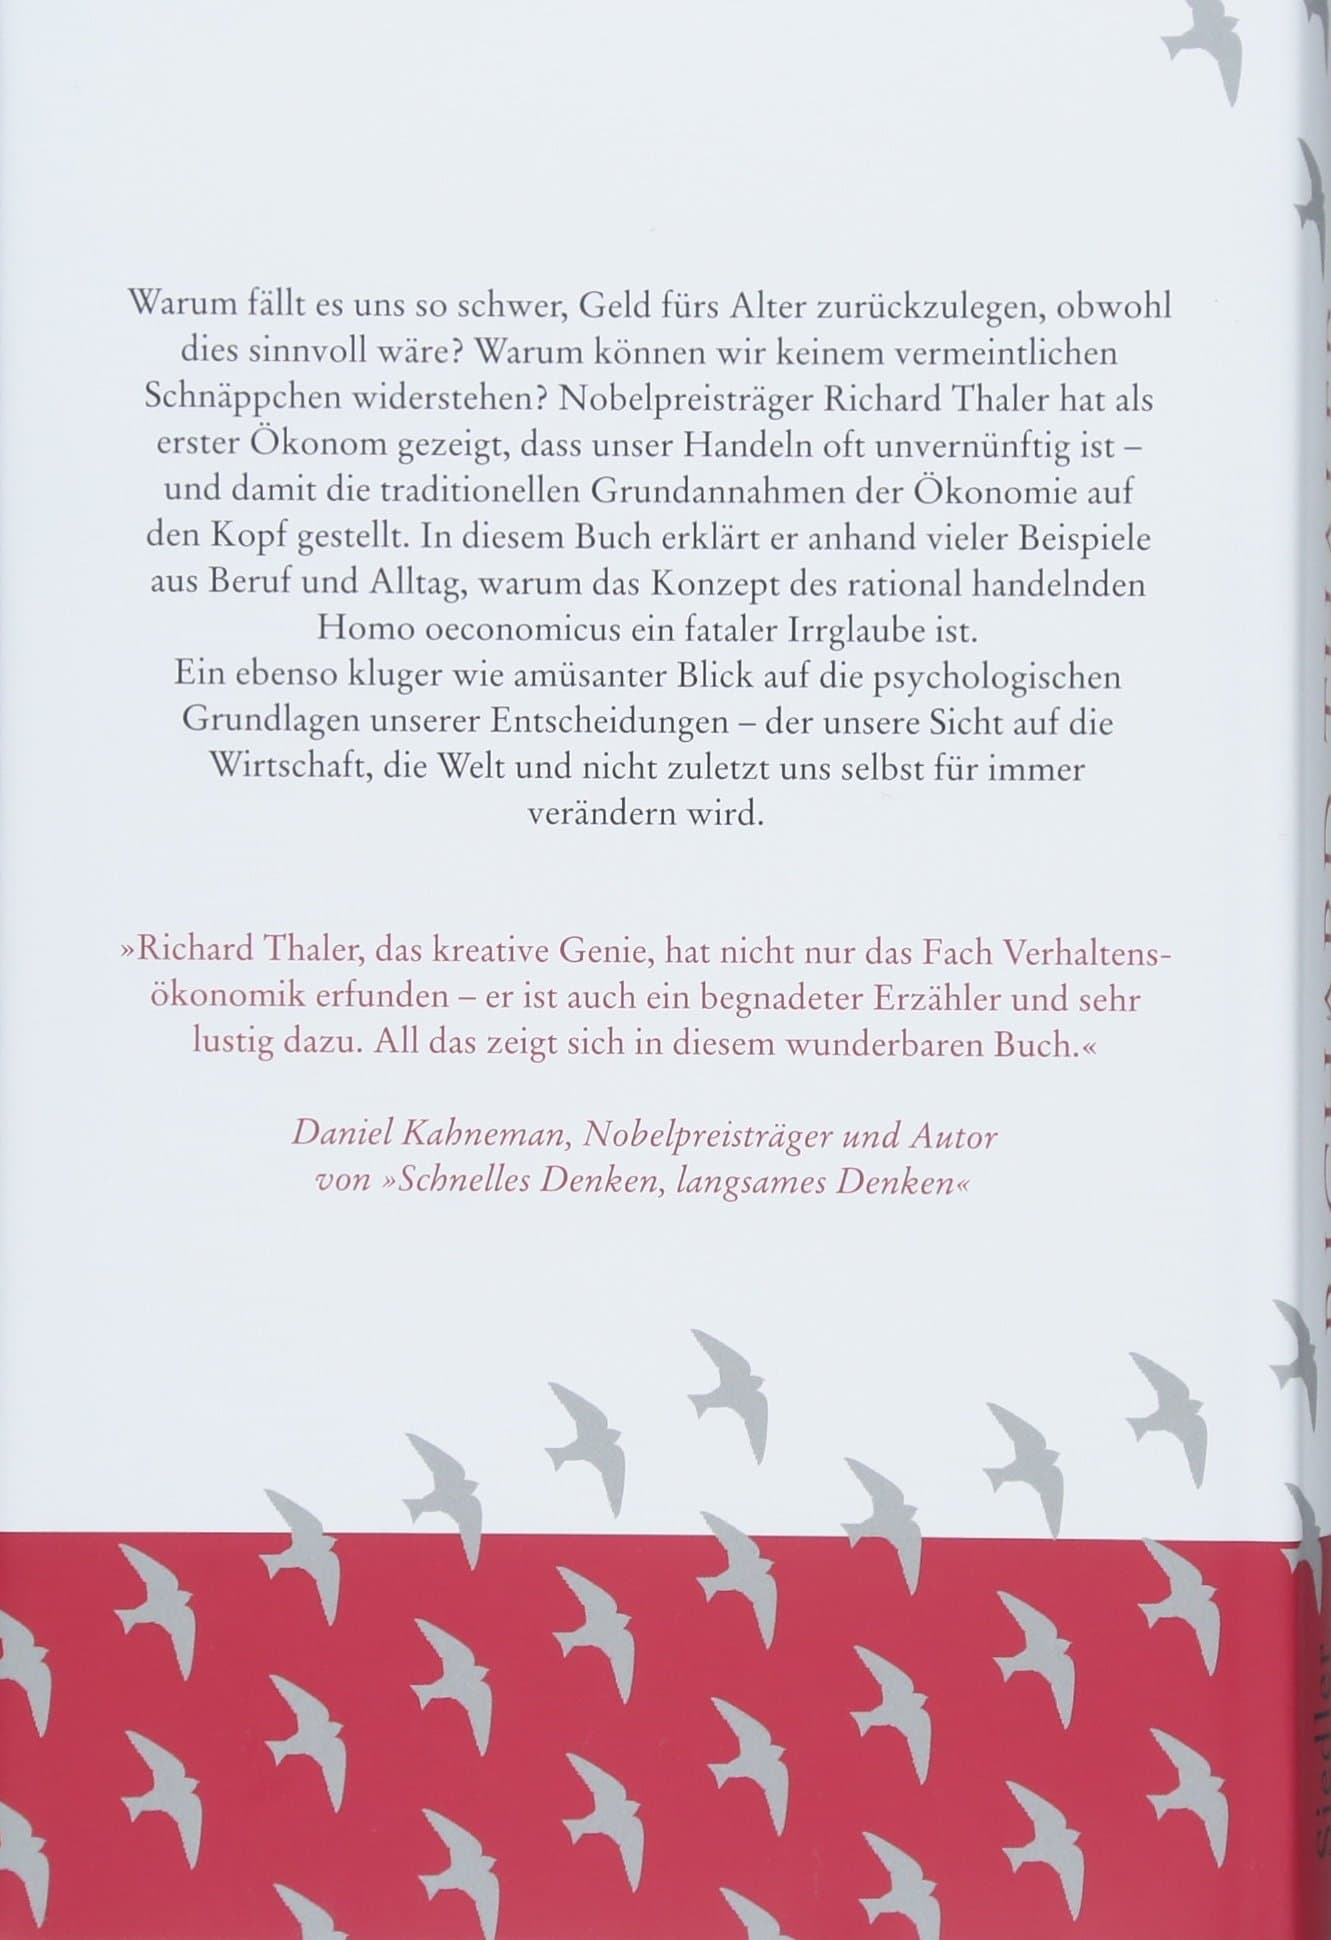 Richard Thaler - Misbehaving Cover